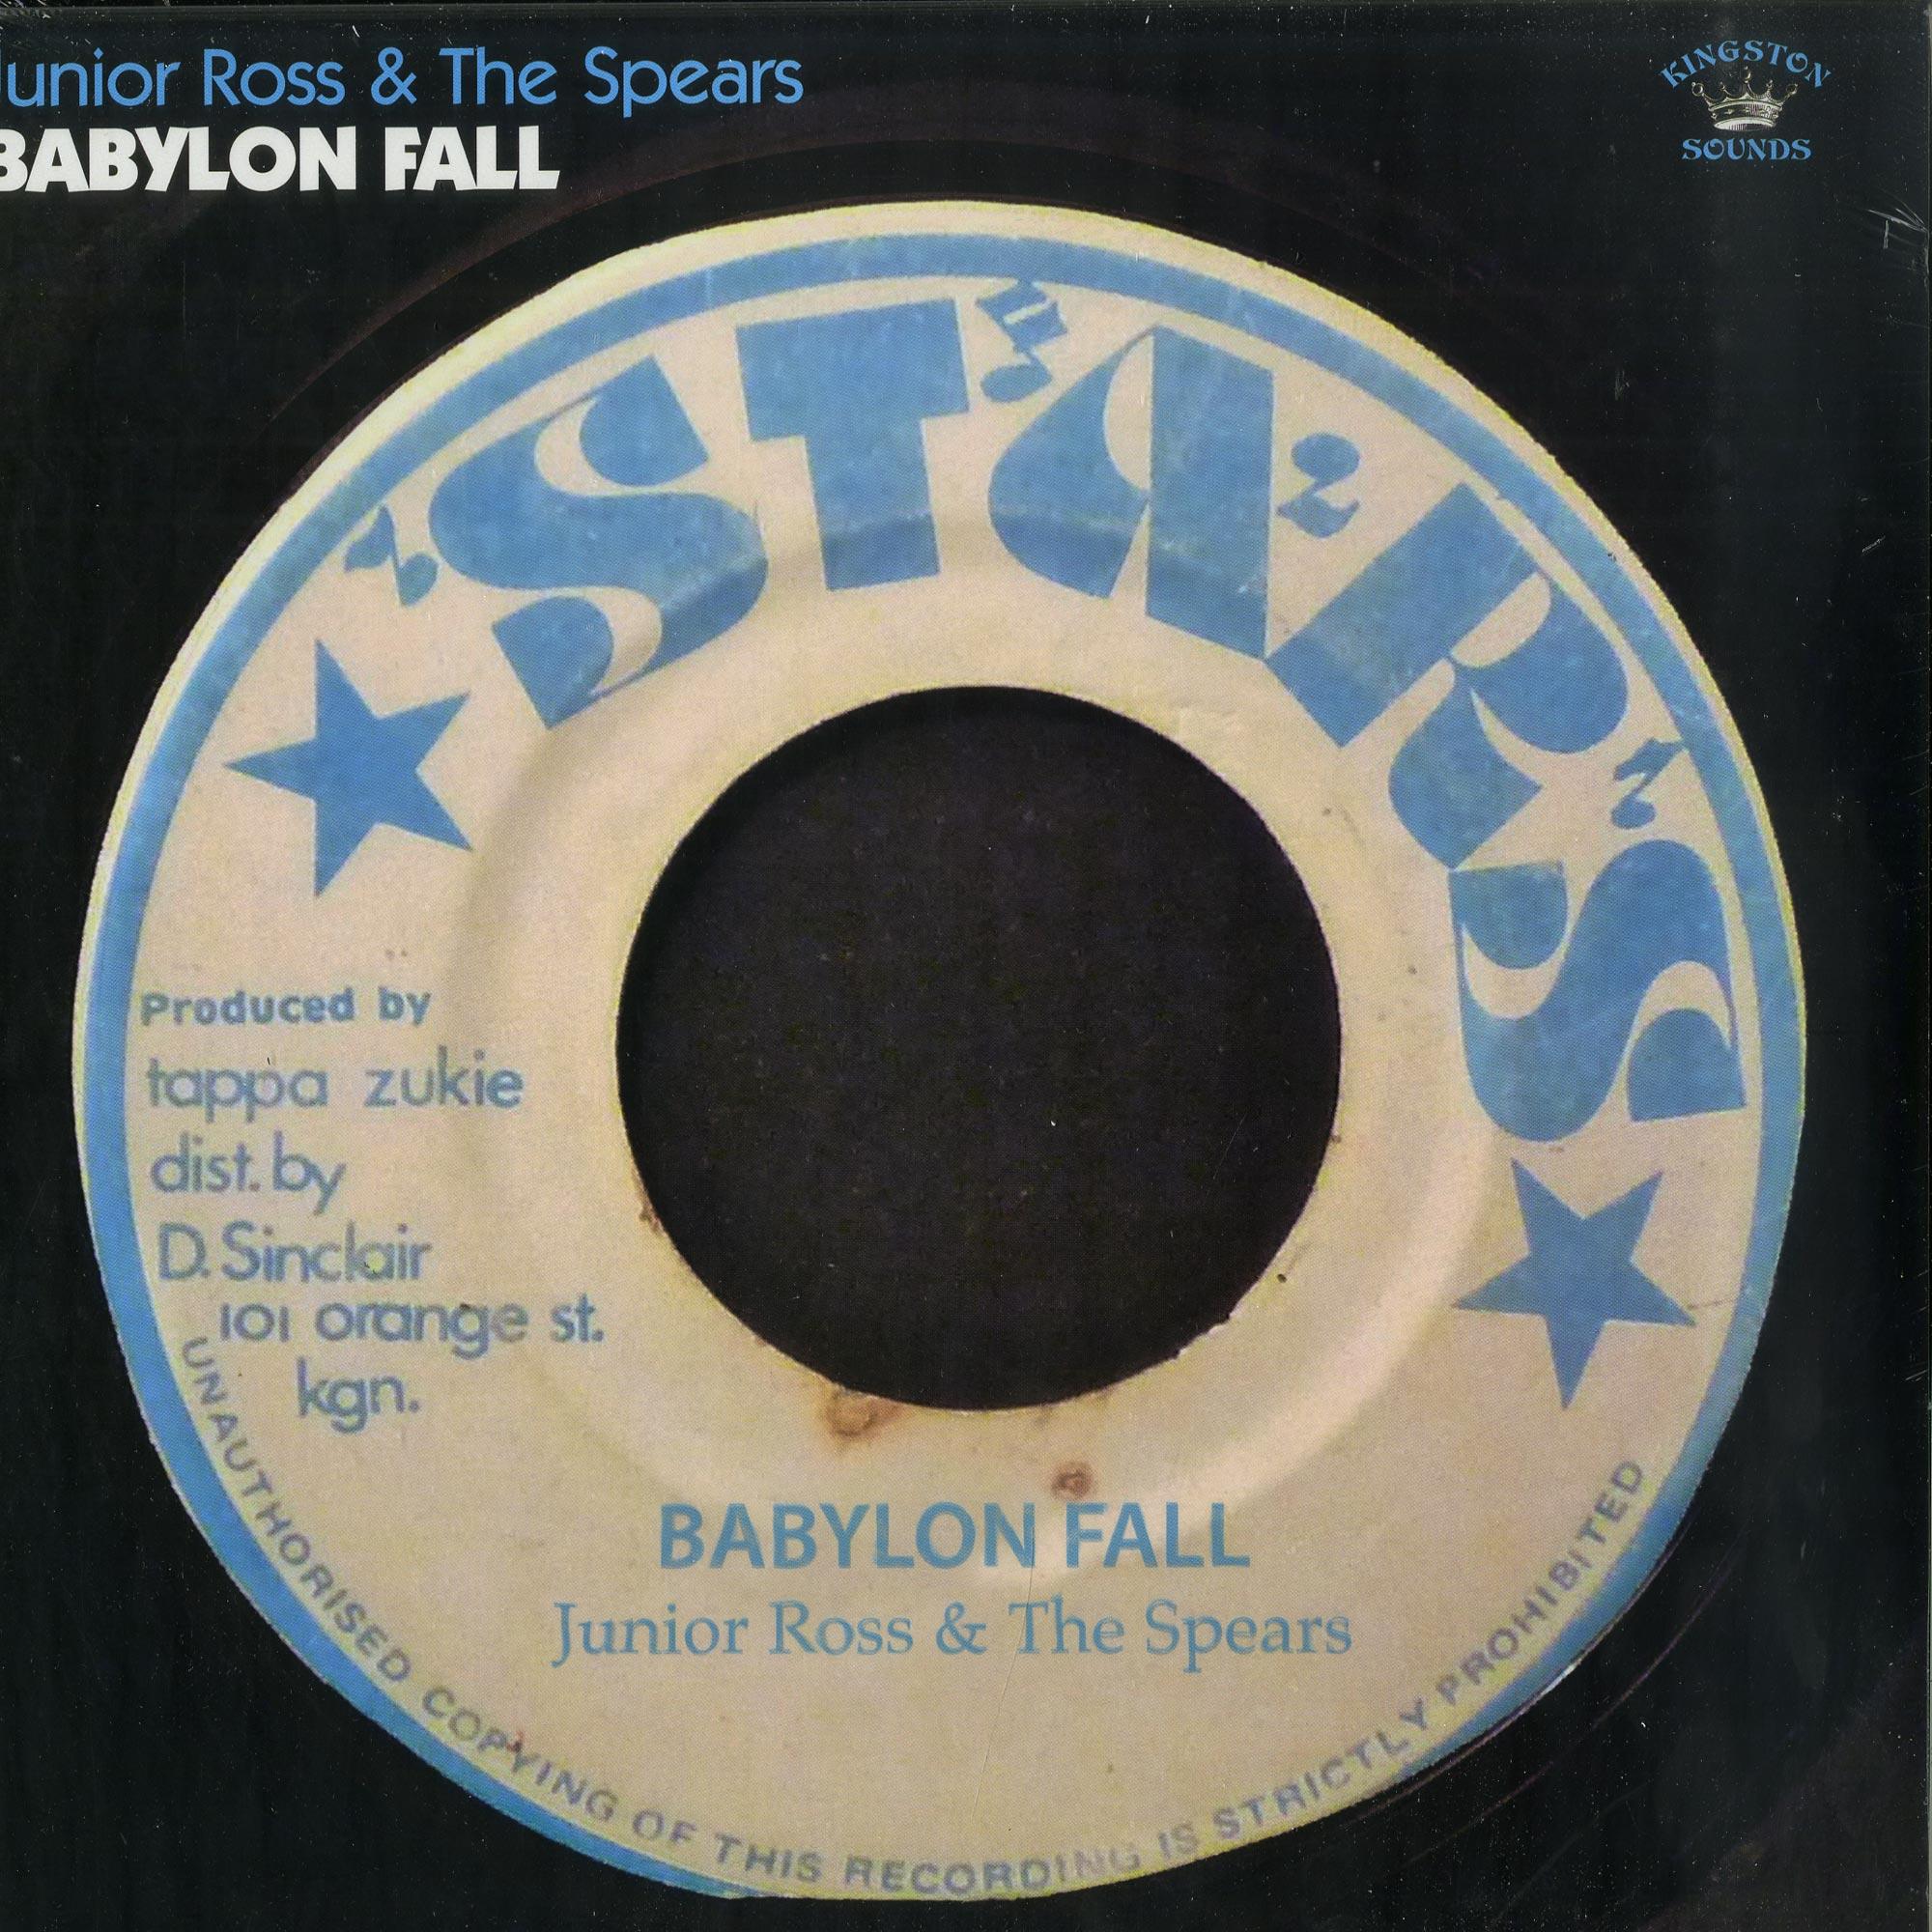 Junior Ross & The Spears - BABYLON FALL